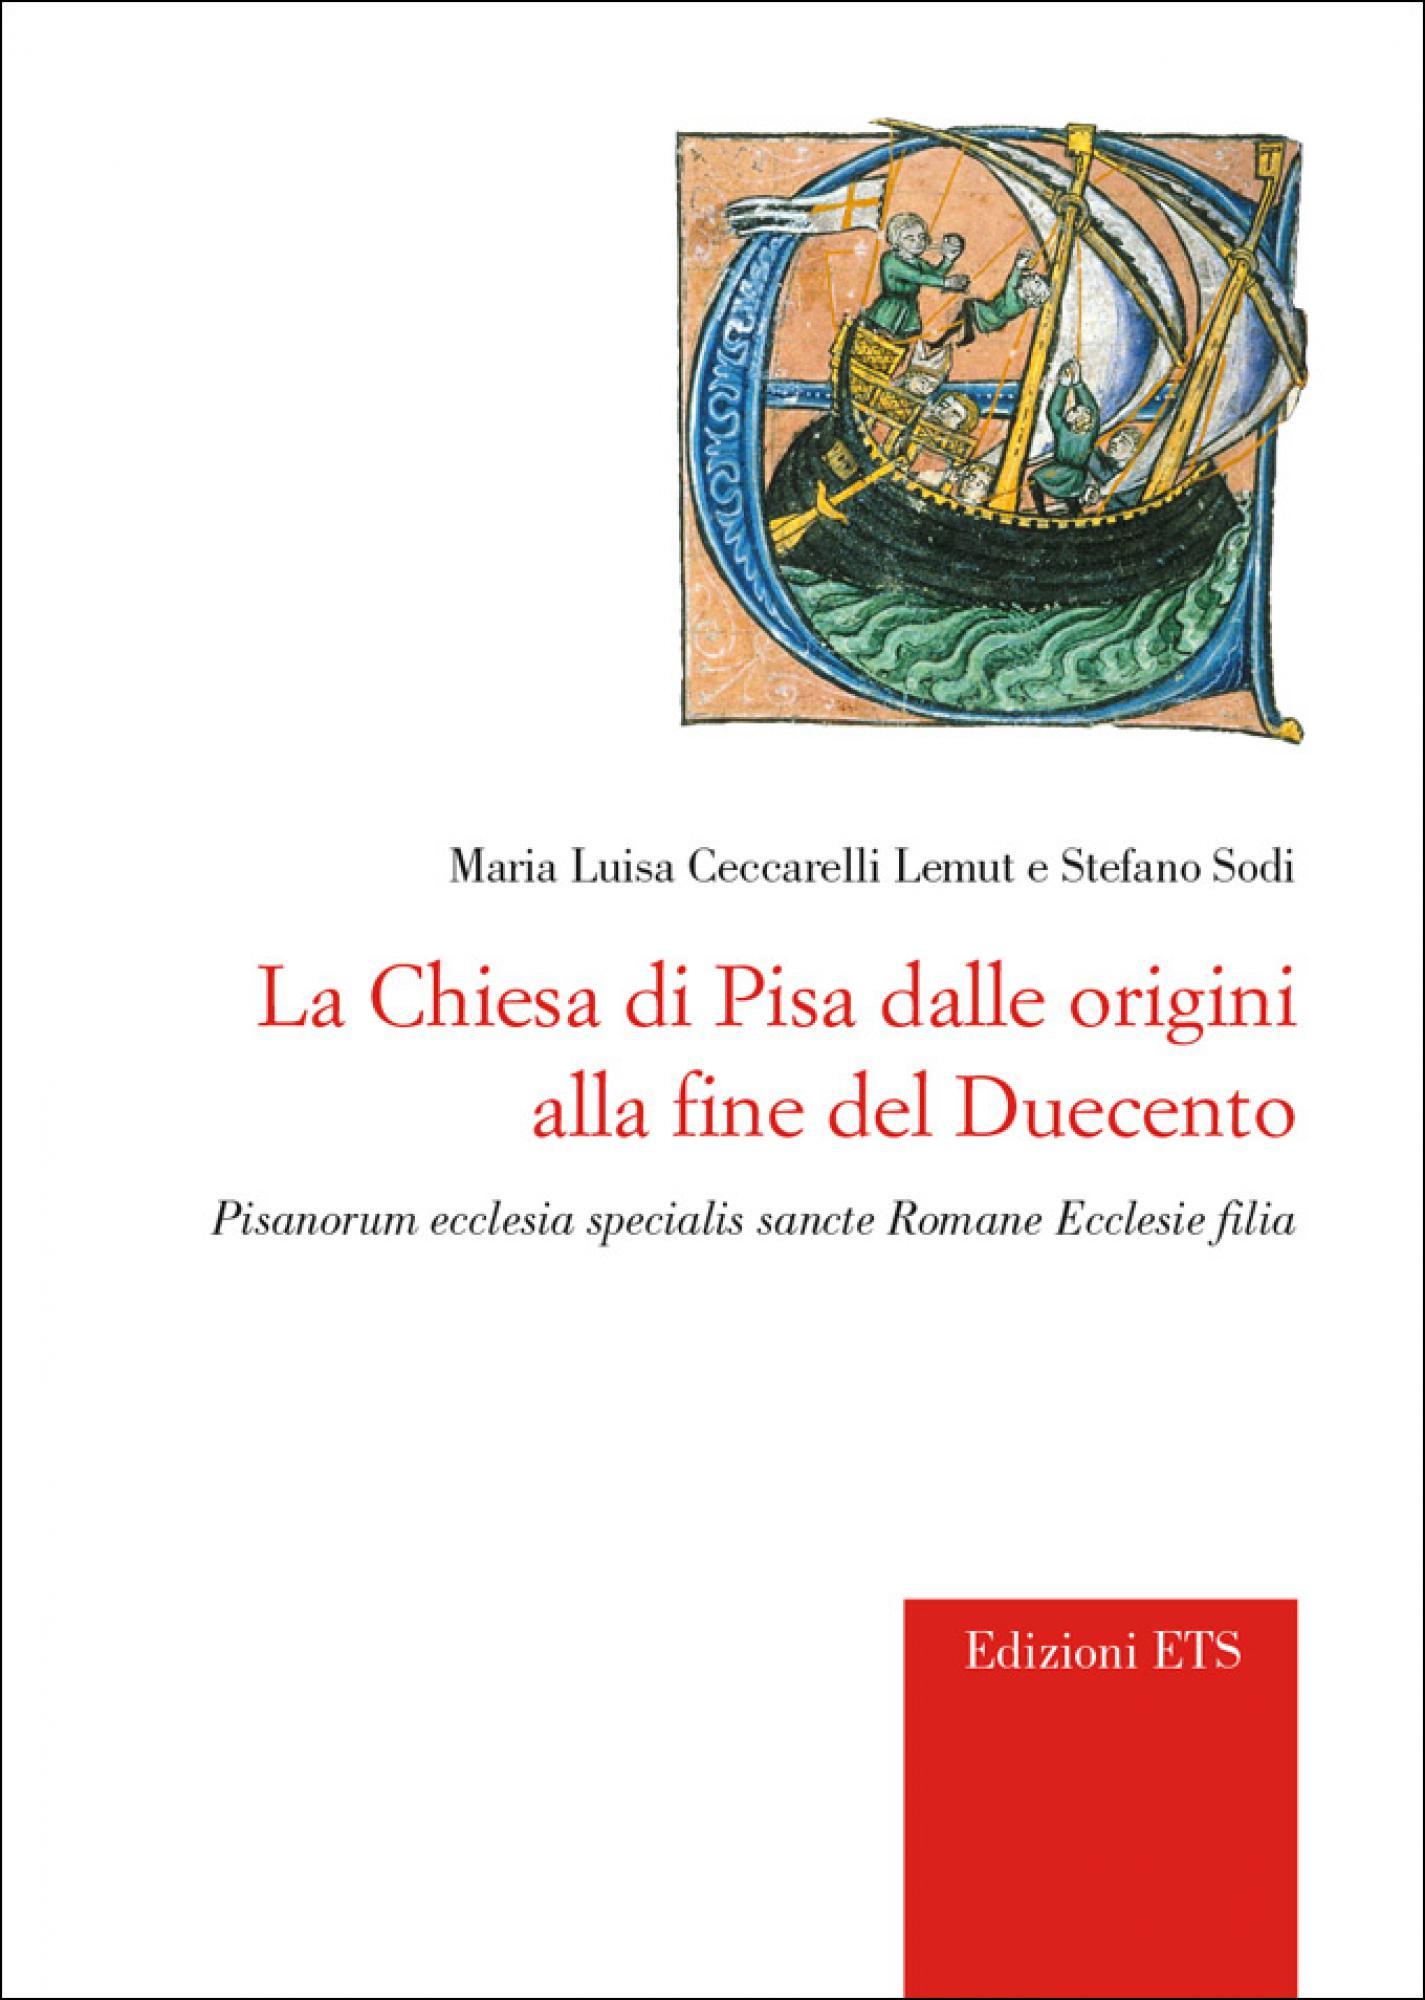 La Chiesa di Pisa dalle origini alla fine del Duecento.Pisanorum ecclesia specialis sancte Romane Ecclesie filia